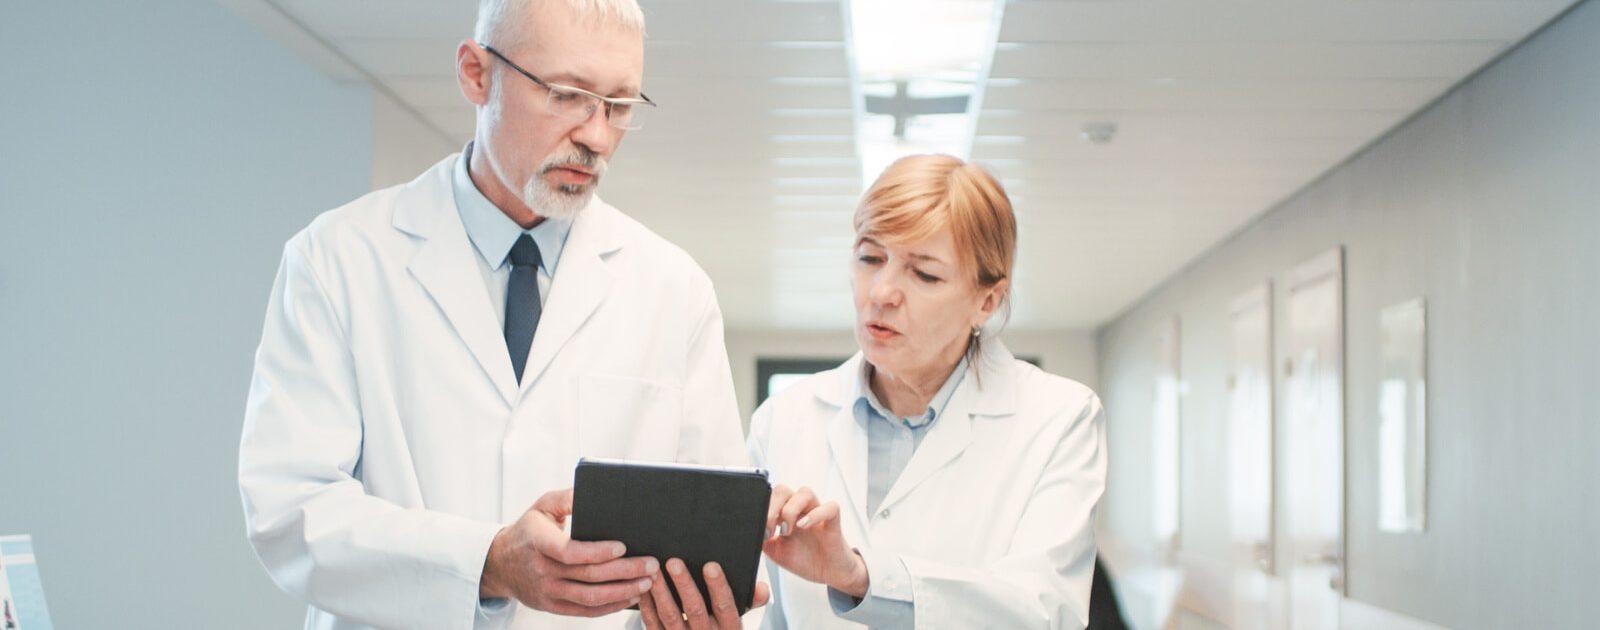 Urologe bereitet sich auf die Untersuchung zur Diagnose vor